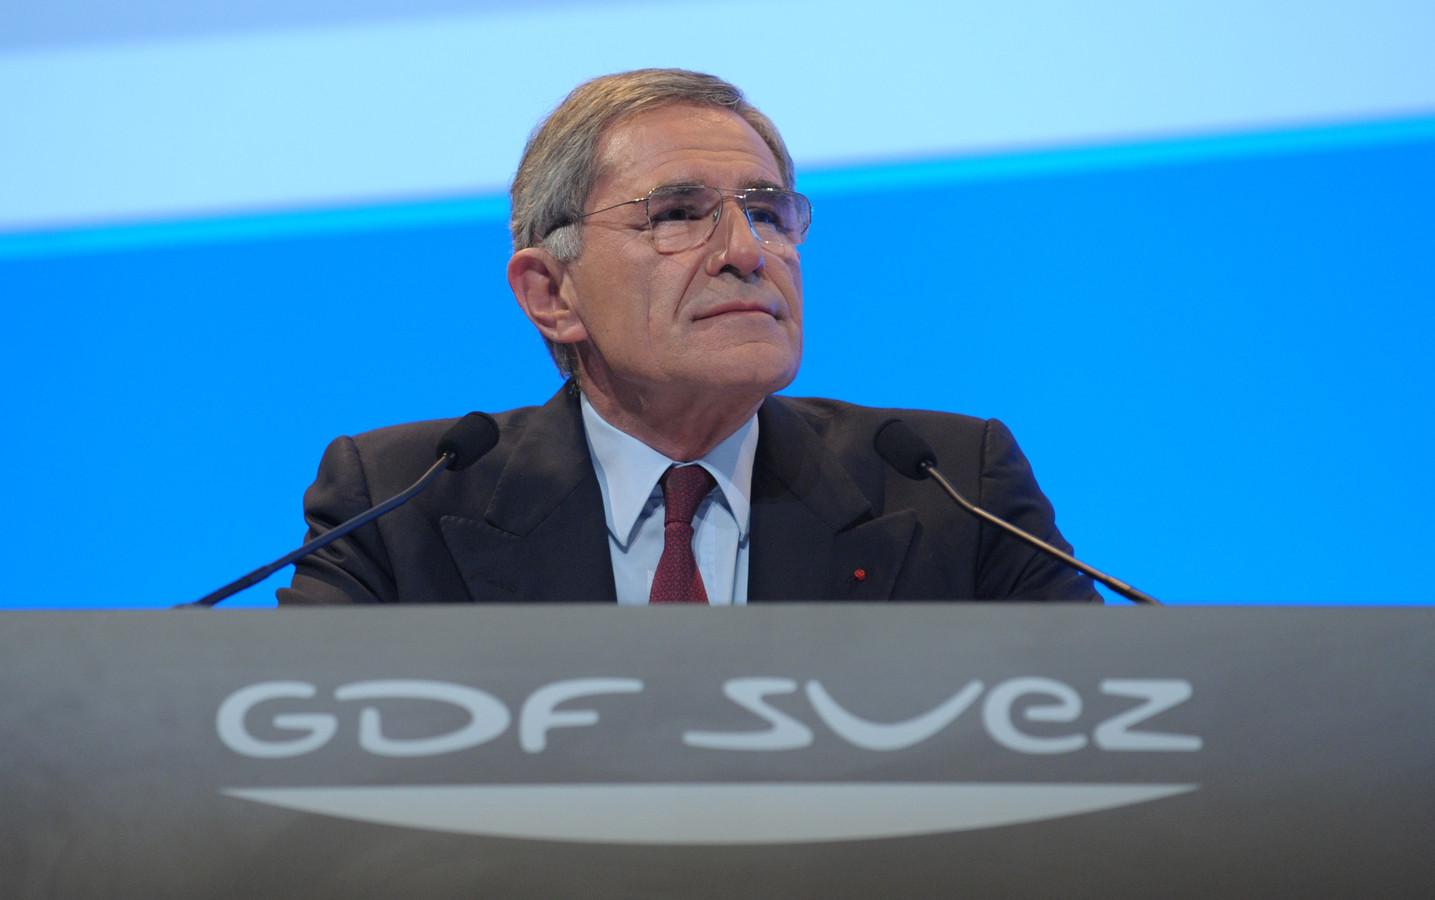 Gerard Mestrallet, PDG de GDF Suez